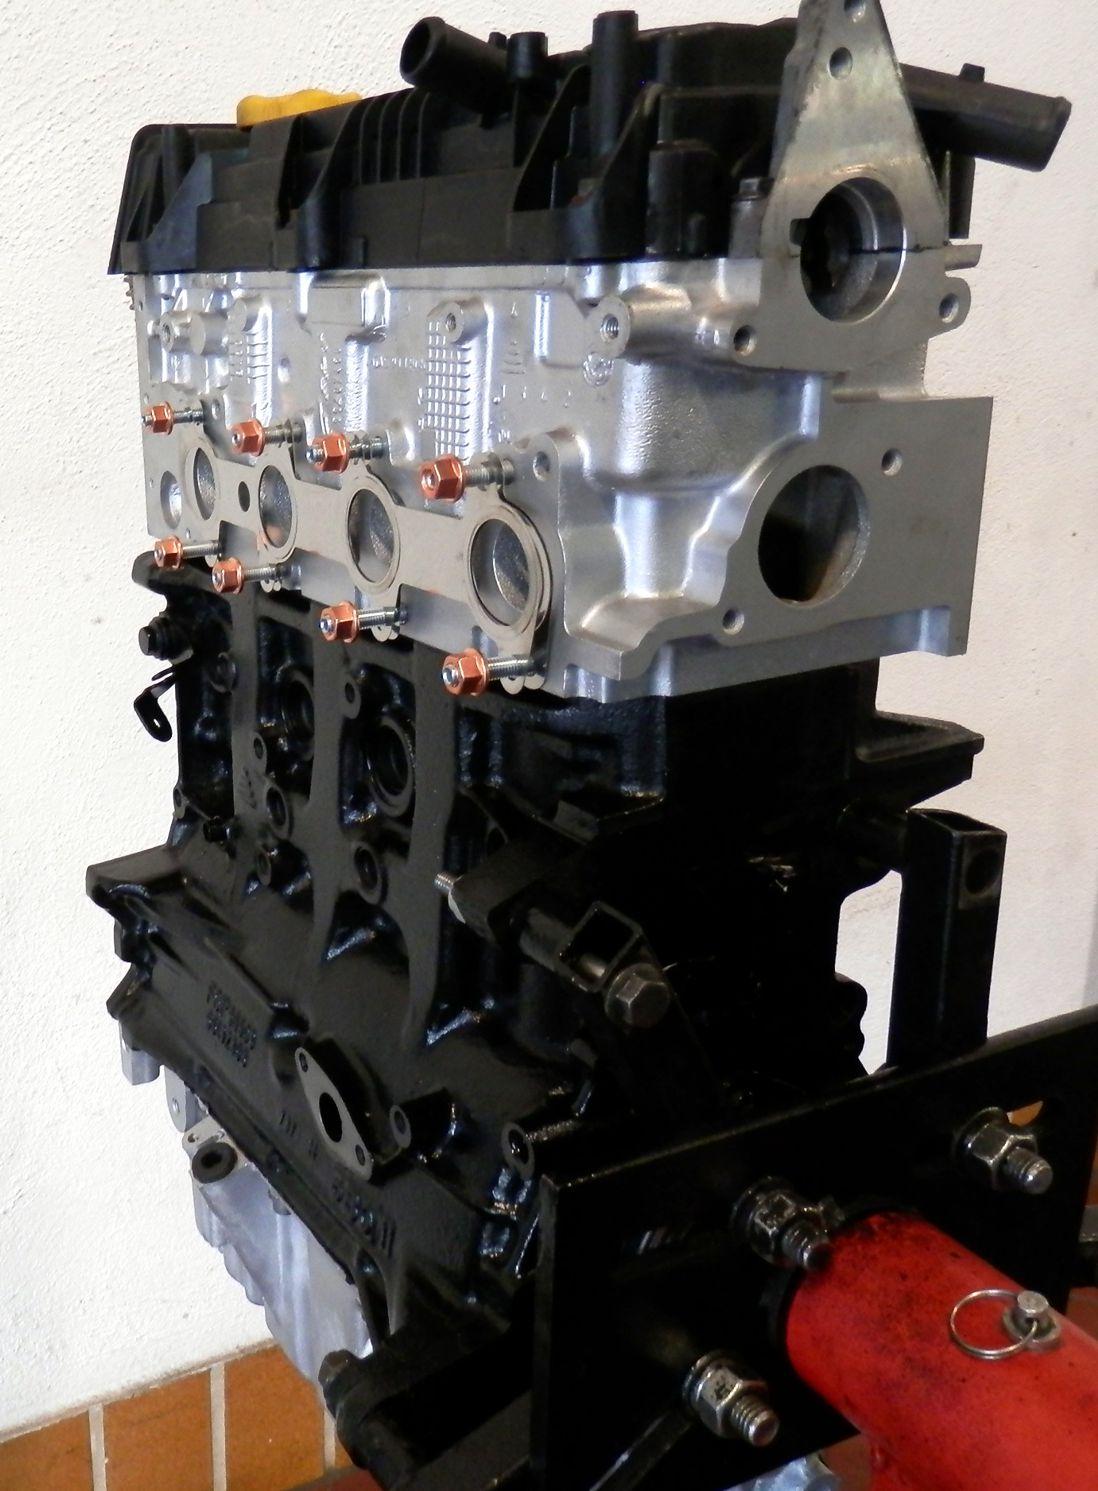 motor opel 1.9 cdti z19dtl astra h vectra c zafira b - mrg motors - opel